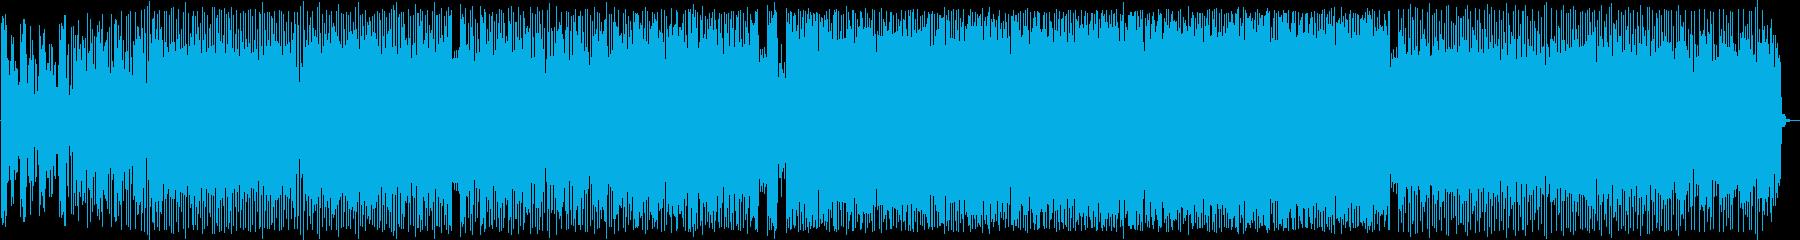 コミカルなシンセポップハウス系EDMの再生済みの波形